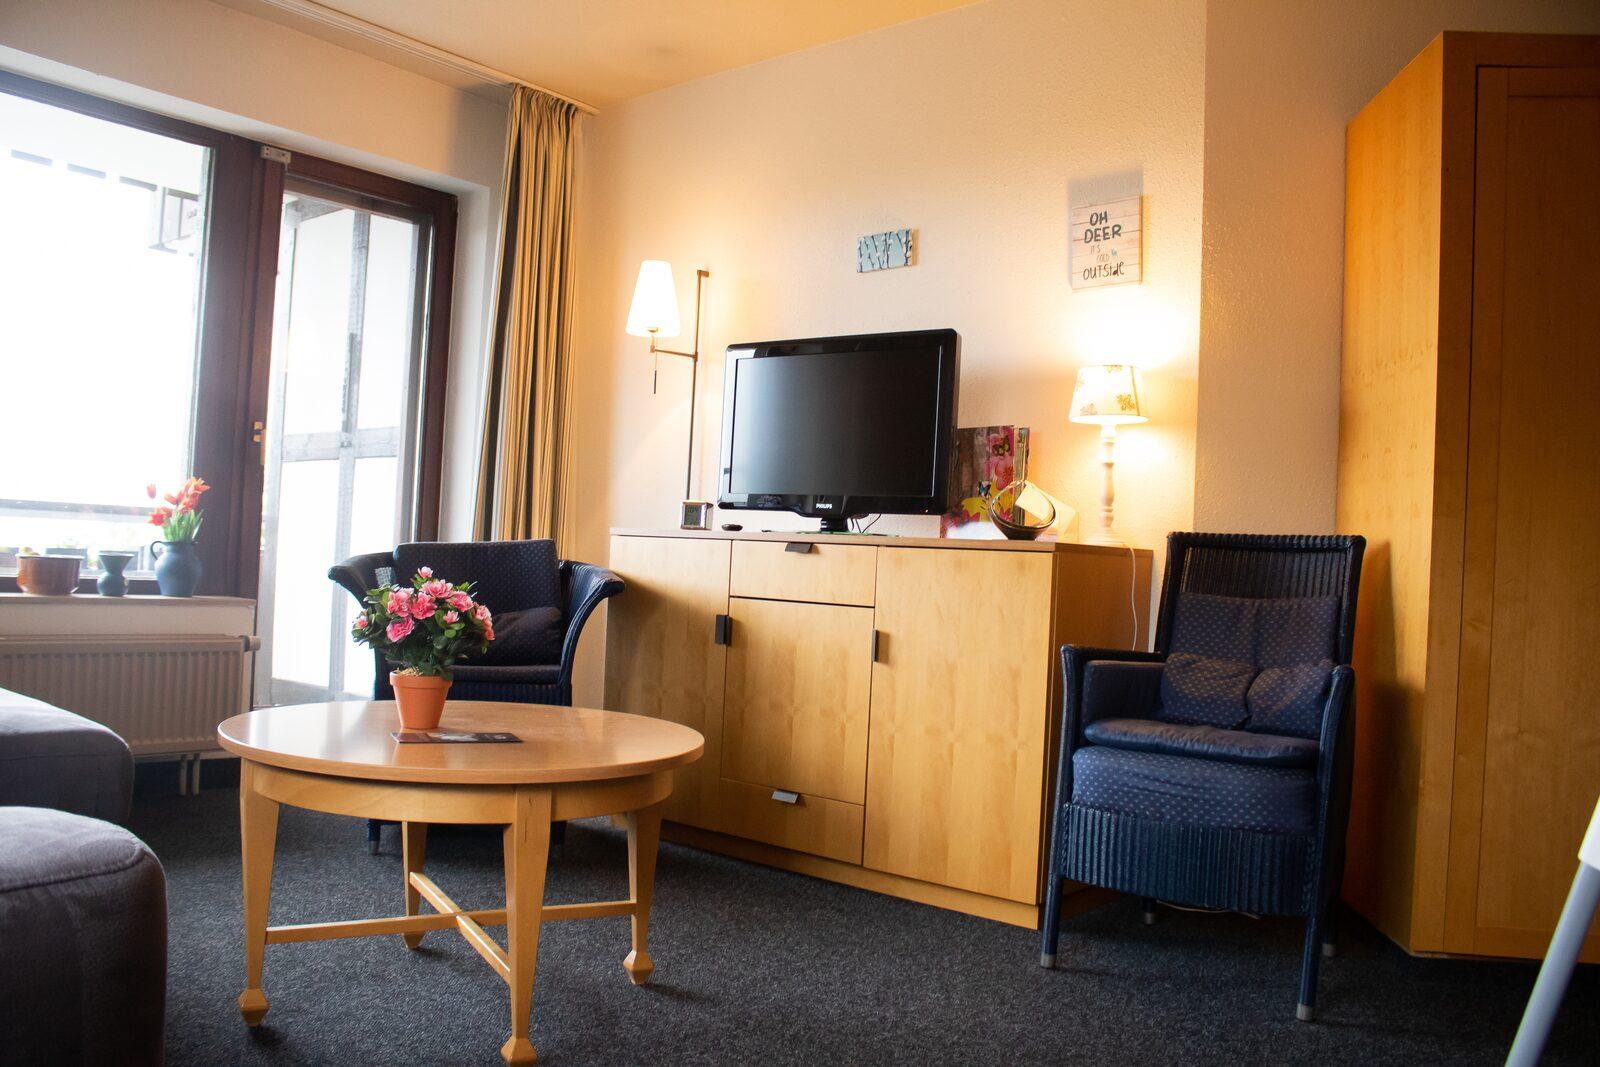 Appartement - Dorfsstrasse 1 'Dorint'